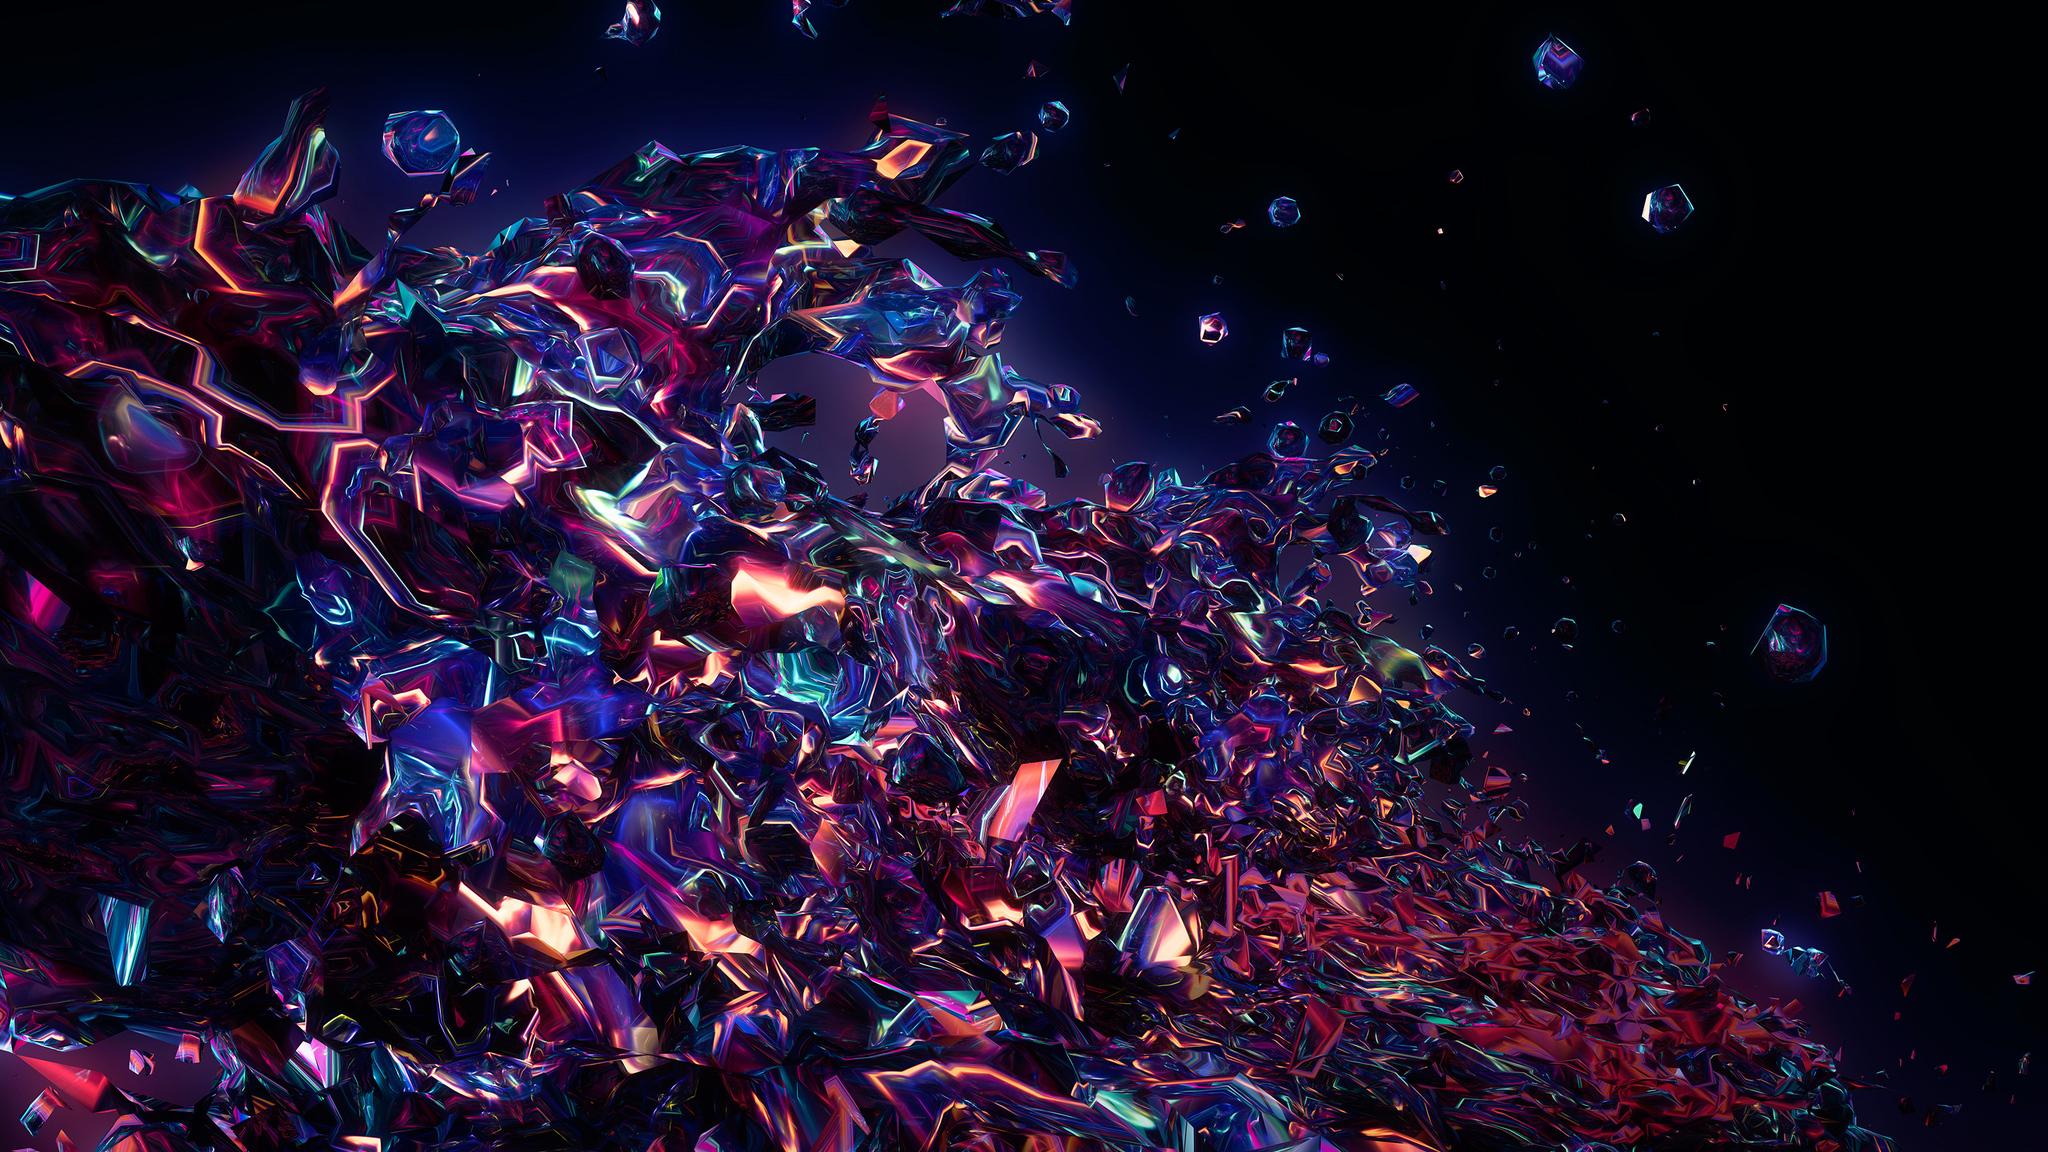 vapor-3d-abstract-9x.jpg